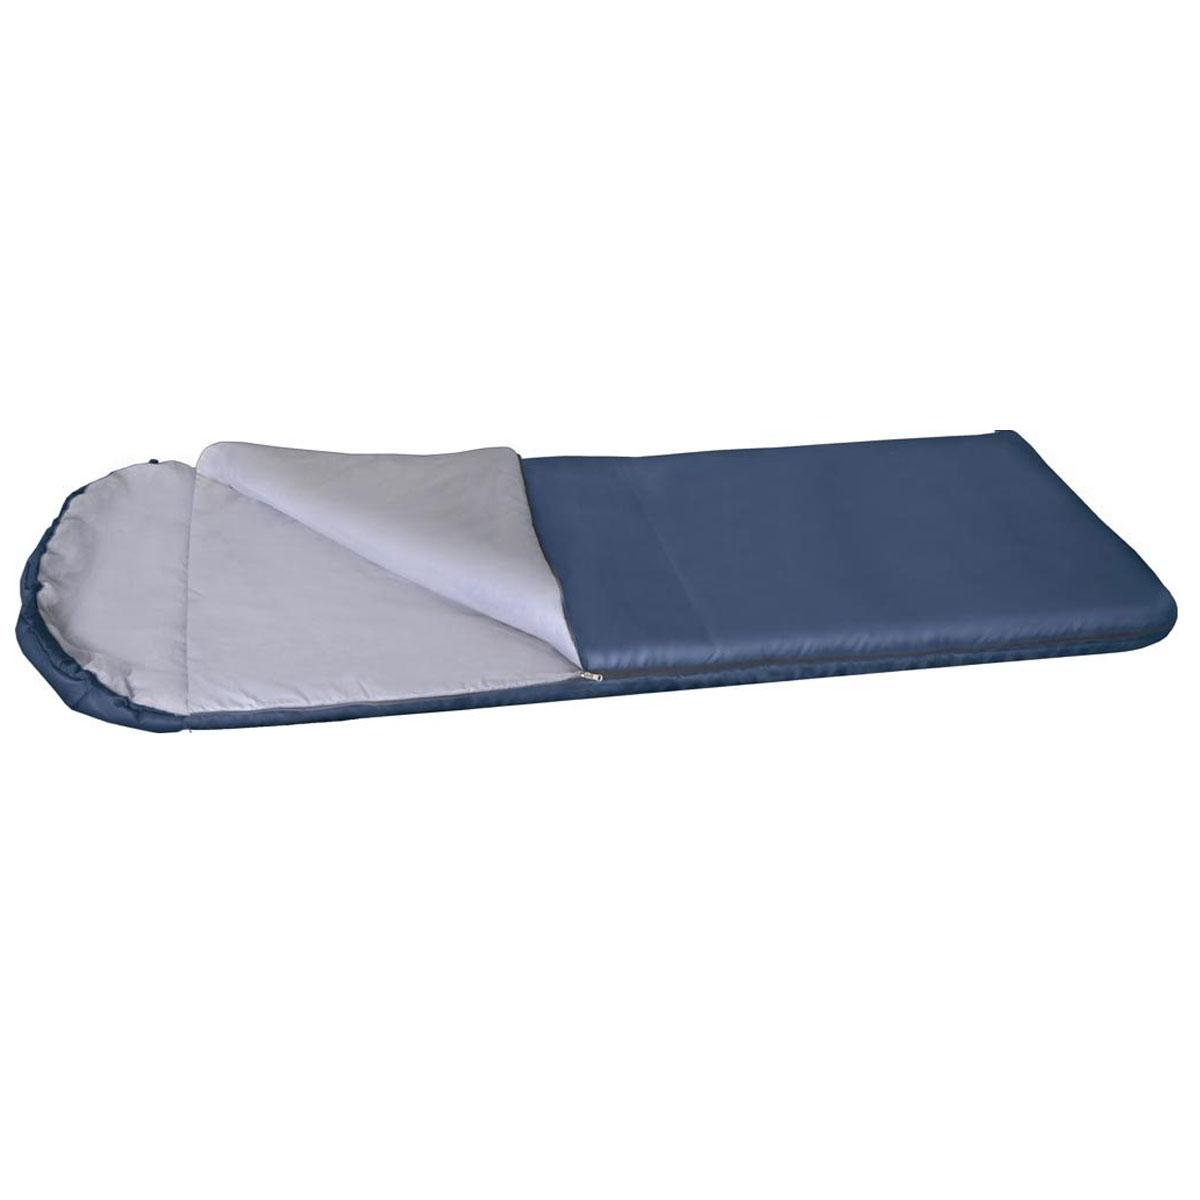 Спальный мешок-одеяло Alaska Одеяло с подголовником +10 °С, цвет: синий, левосторонняя молния. 95253-405-0095253-405-00Недорогой спальный мешокAlaska Одеяло с подголовником +10 займет очень немного места в багажнике вашего авто, выручит на даче, в летнем походе выходного дня и в городской квартире в качестве дополнительного утепляющего слоя во время ожидания начала отопительного сезона. Простой и максимально практичный спальникAlaska Одеяло с подголовником +10 имеет аномально низкую стоимость! Даже трудно представить себе качественный спальный мешок дешевле! Однако спальник Одеяло с подголовником +10 обладает всеми необходимыми свойствами для обеспечения комфортного отдыха в теплое время года - это облегченный вес, разъемная молния, что позволяет соединять два однотипных спальника вместе и удобный подголовник, который с помощью встроенного шнура легко превращаются в теплый капюшон. Благодаря простоте конструкции, спальные мешки легко превращаются в двух спальные одеяла, которые можно использовать не только на природе, но и на даче.Утеплитель: Термофайбер.Ткань верха: Политафета 170Т.Внутренняя ткань: Политафета 170Т. При состегивании двух мешков подголовники будут по диагонали.